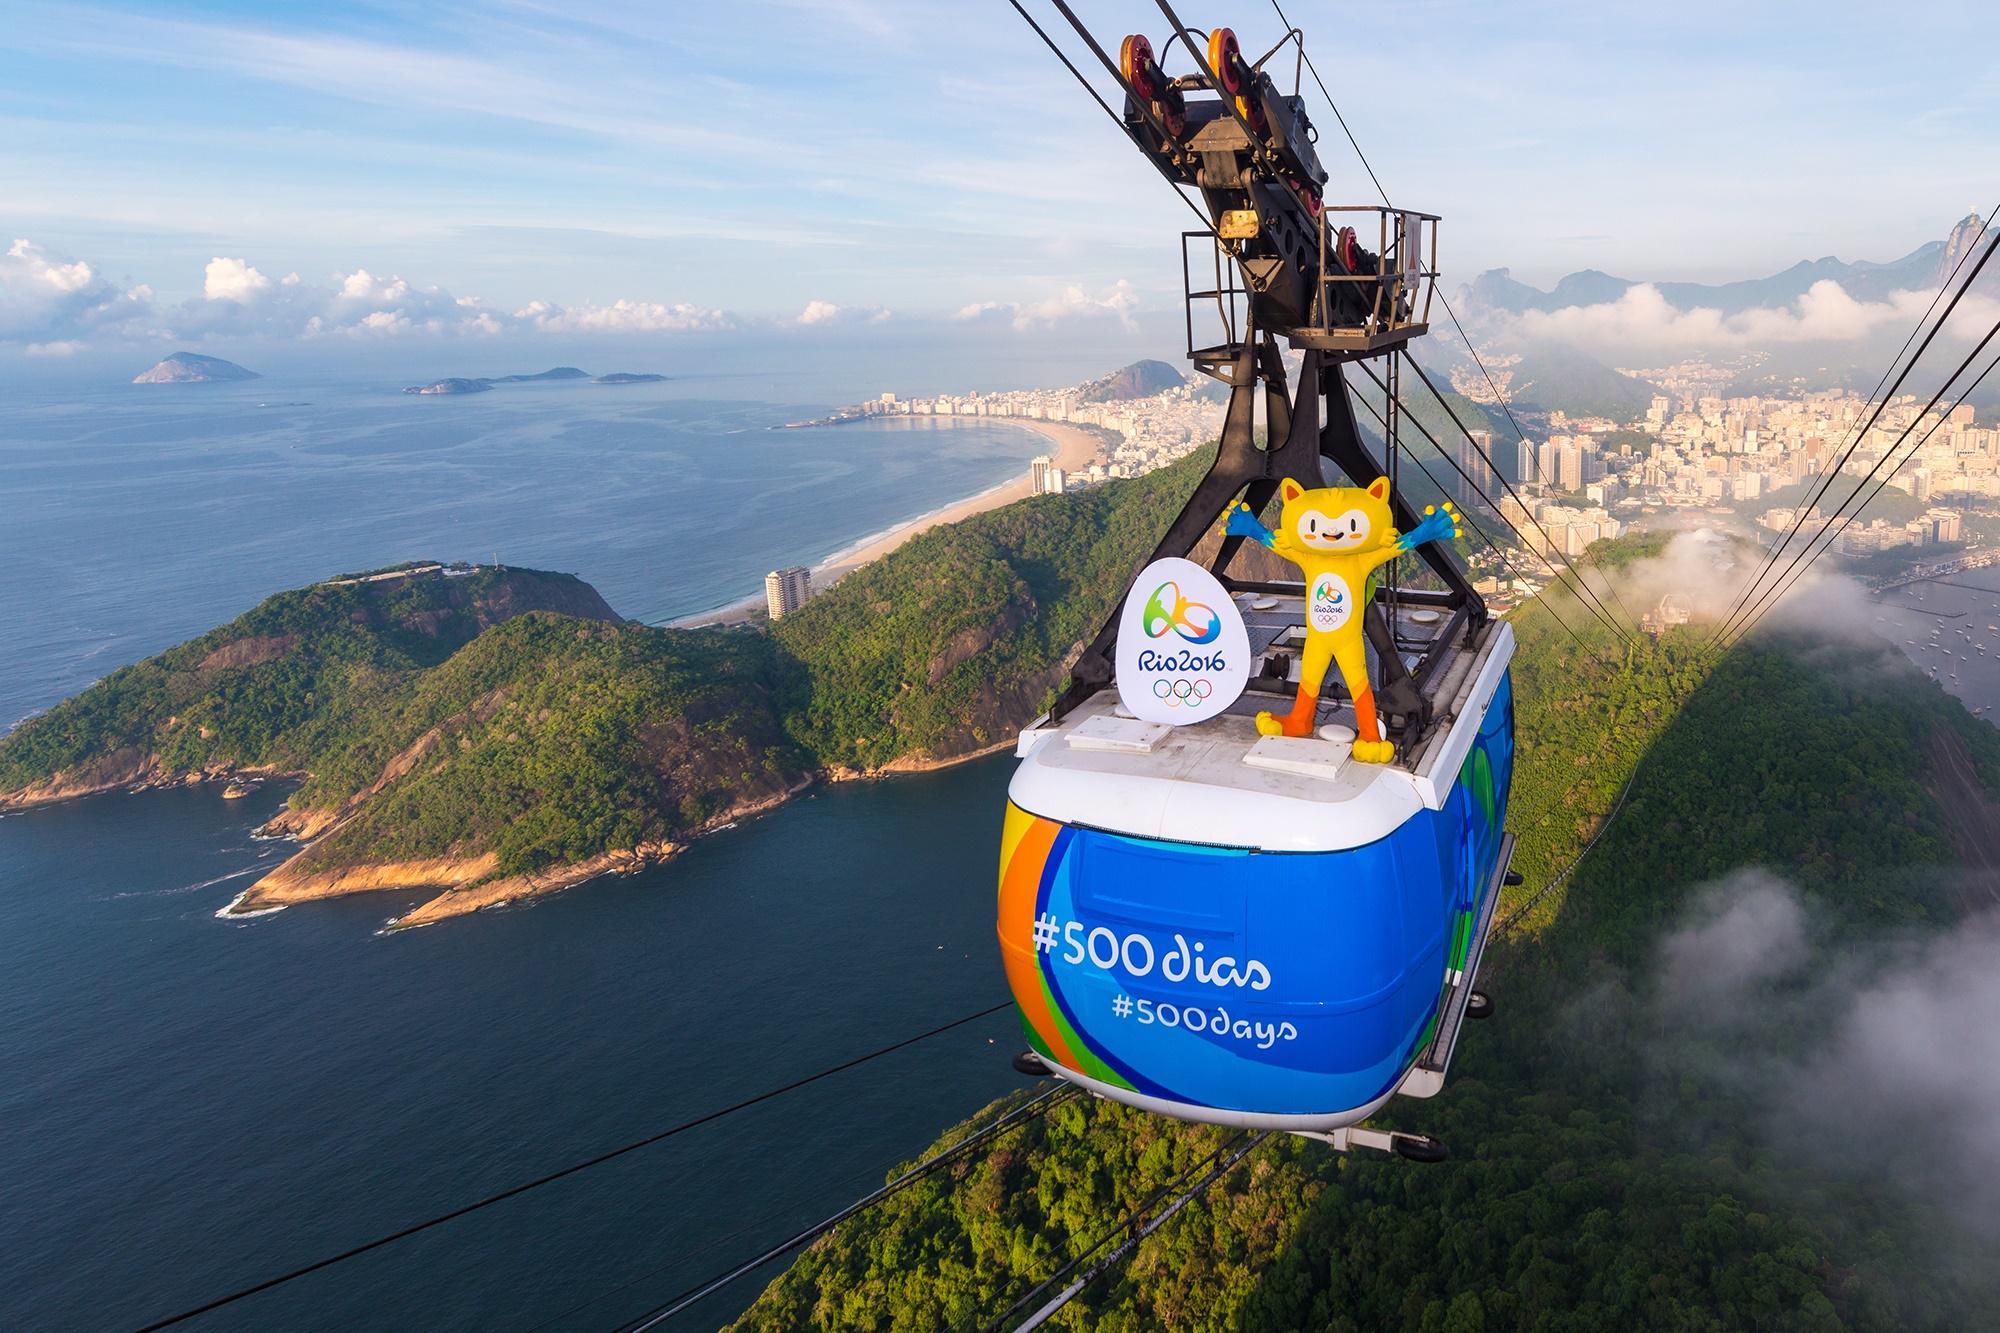 Imagem de Rio 2016 terá transmissão em VR e corpo desmembrado aparece em Copacabana no tecmundo